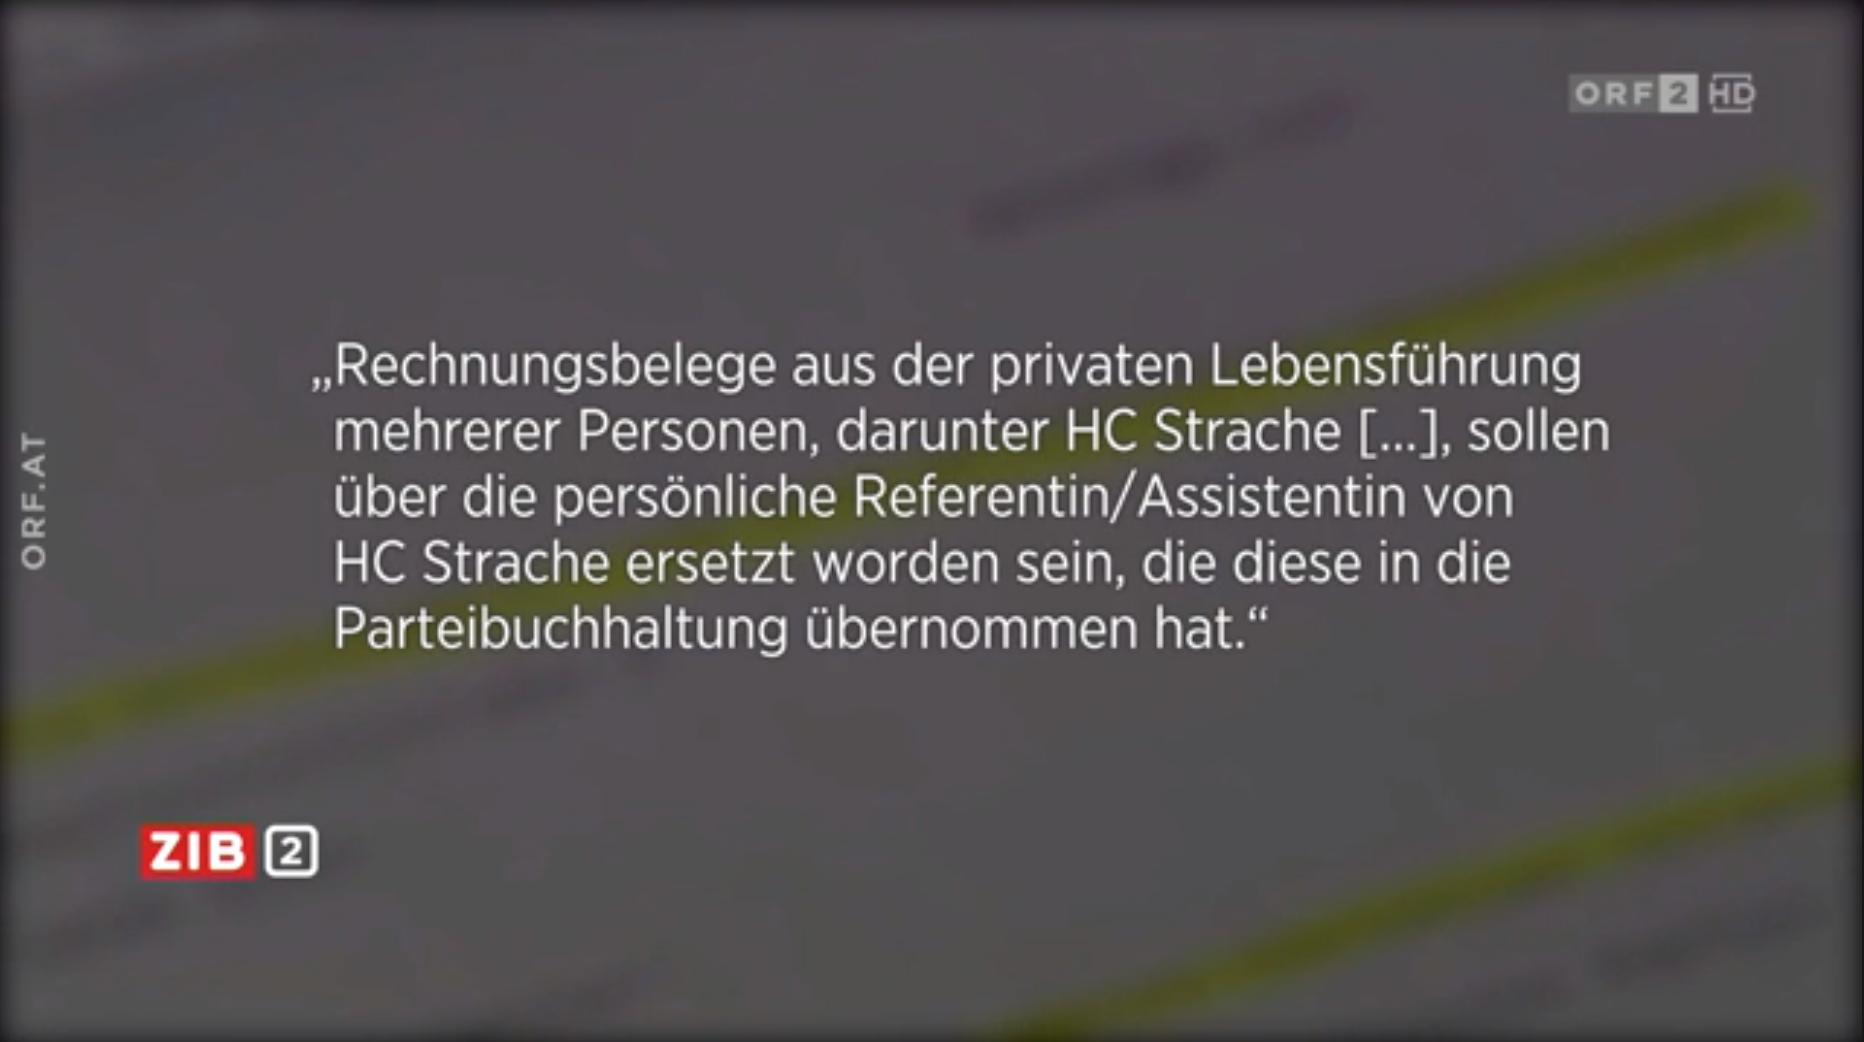 Screenshot ZiB2 (23.9.19): aus der anonymen Anzeige gegen Strache und die FPÖ